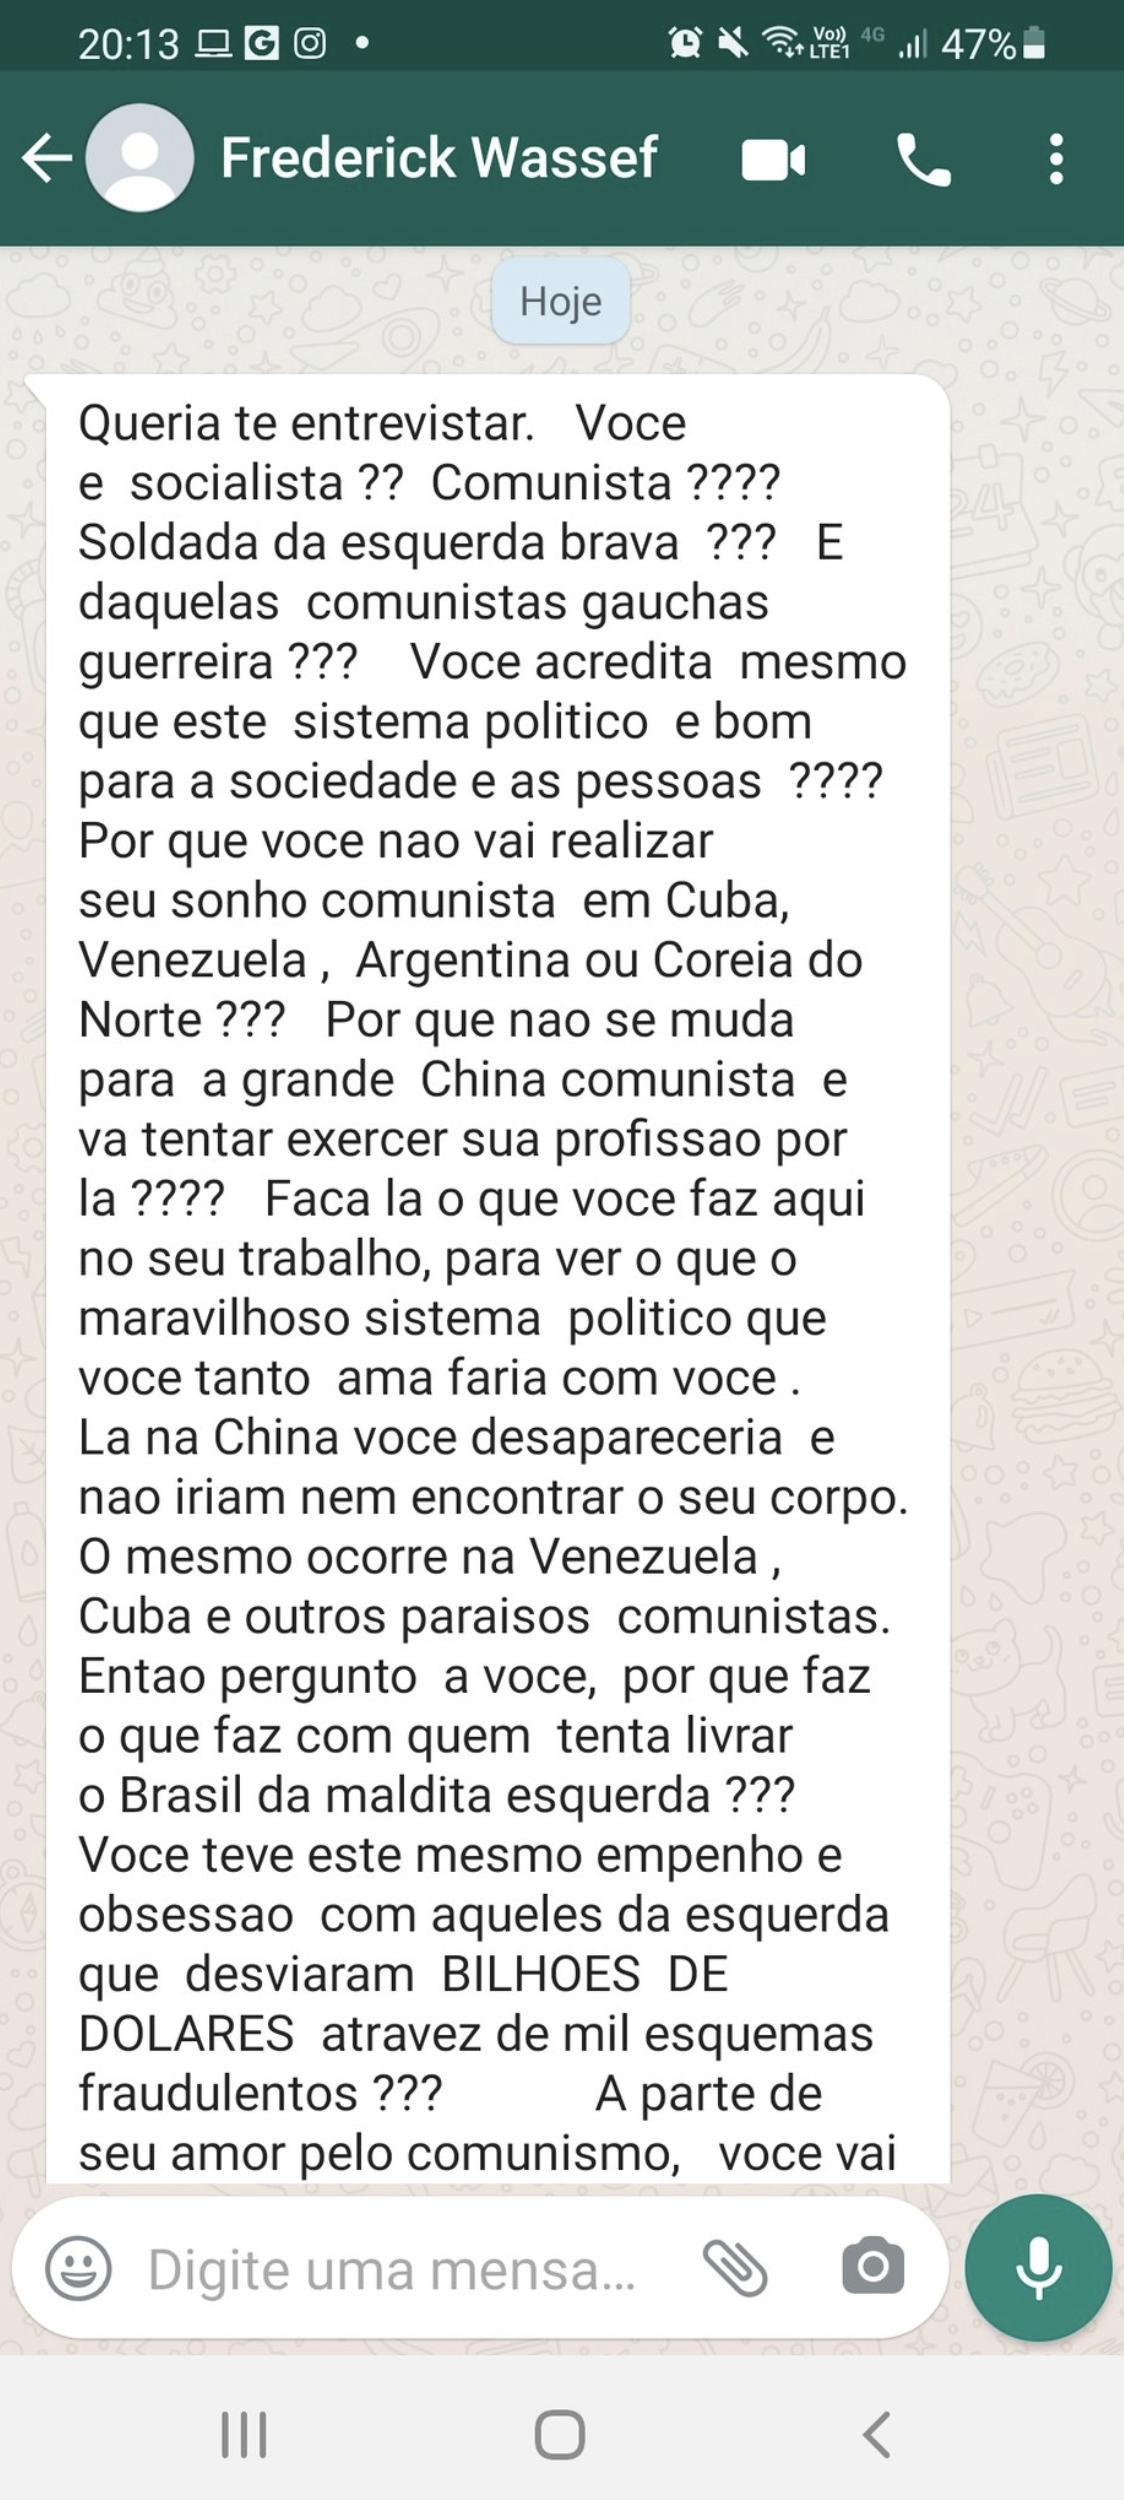 Advogado da família Bolsonaro, Frederick Wassef enviou mensagem via whatsapp atacando a jornalista Juliana Dal Piva